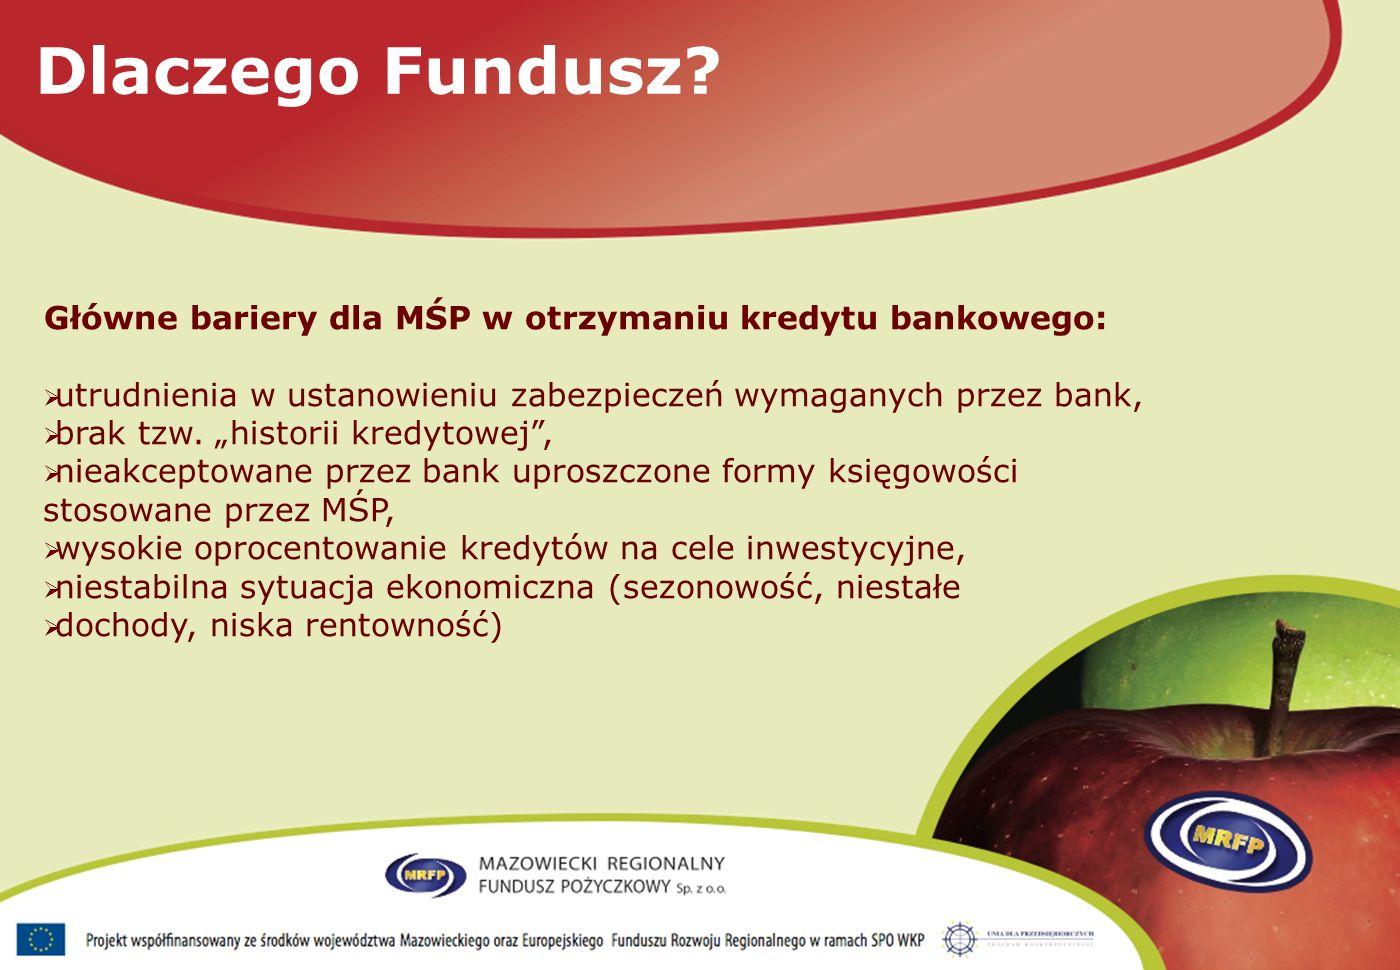 Główne bariery dla MŚP w otrzymaniu kredytu bankowego: utrudnienia w ustanowieniu zabezpieczeń wymaganych przez bank, brak tzw.